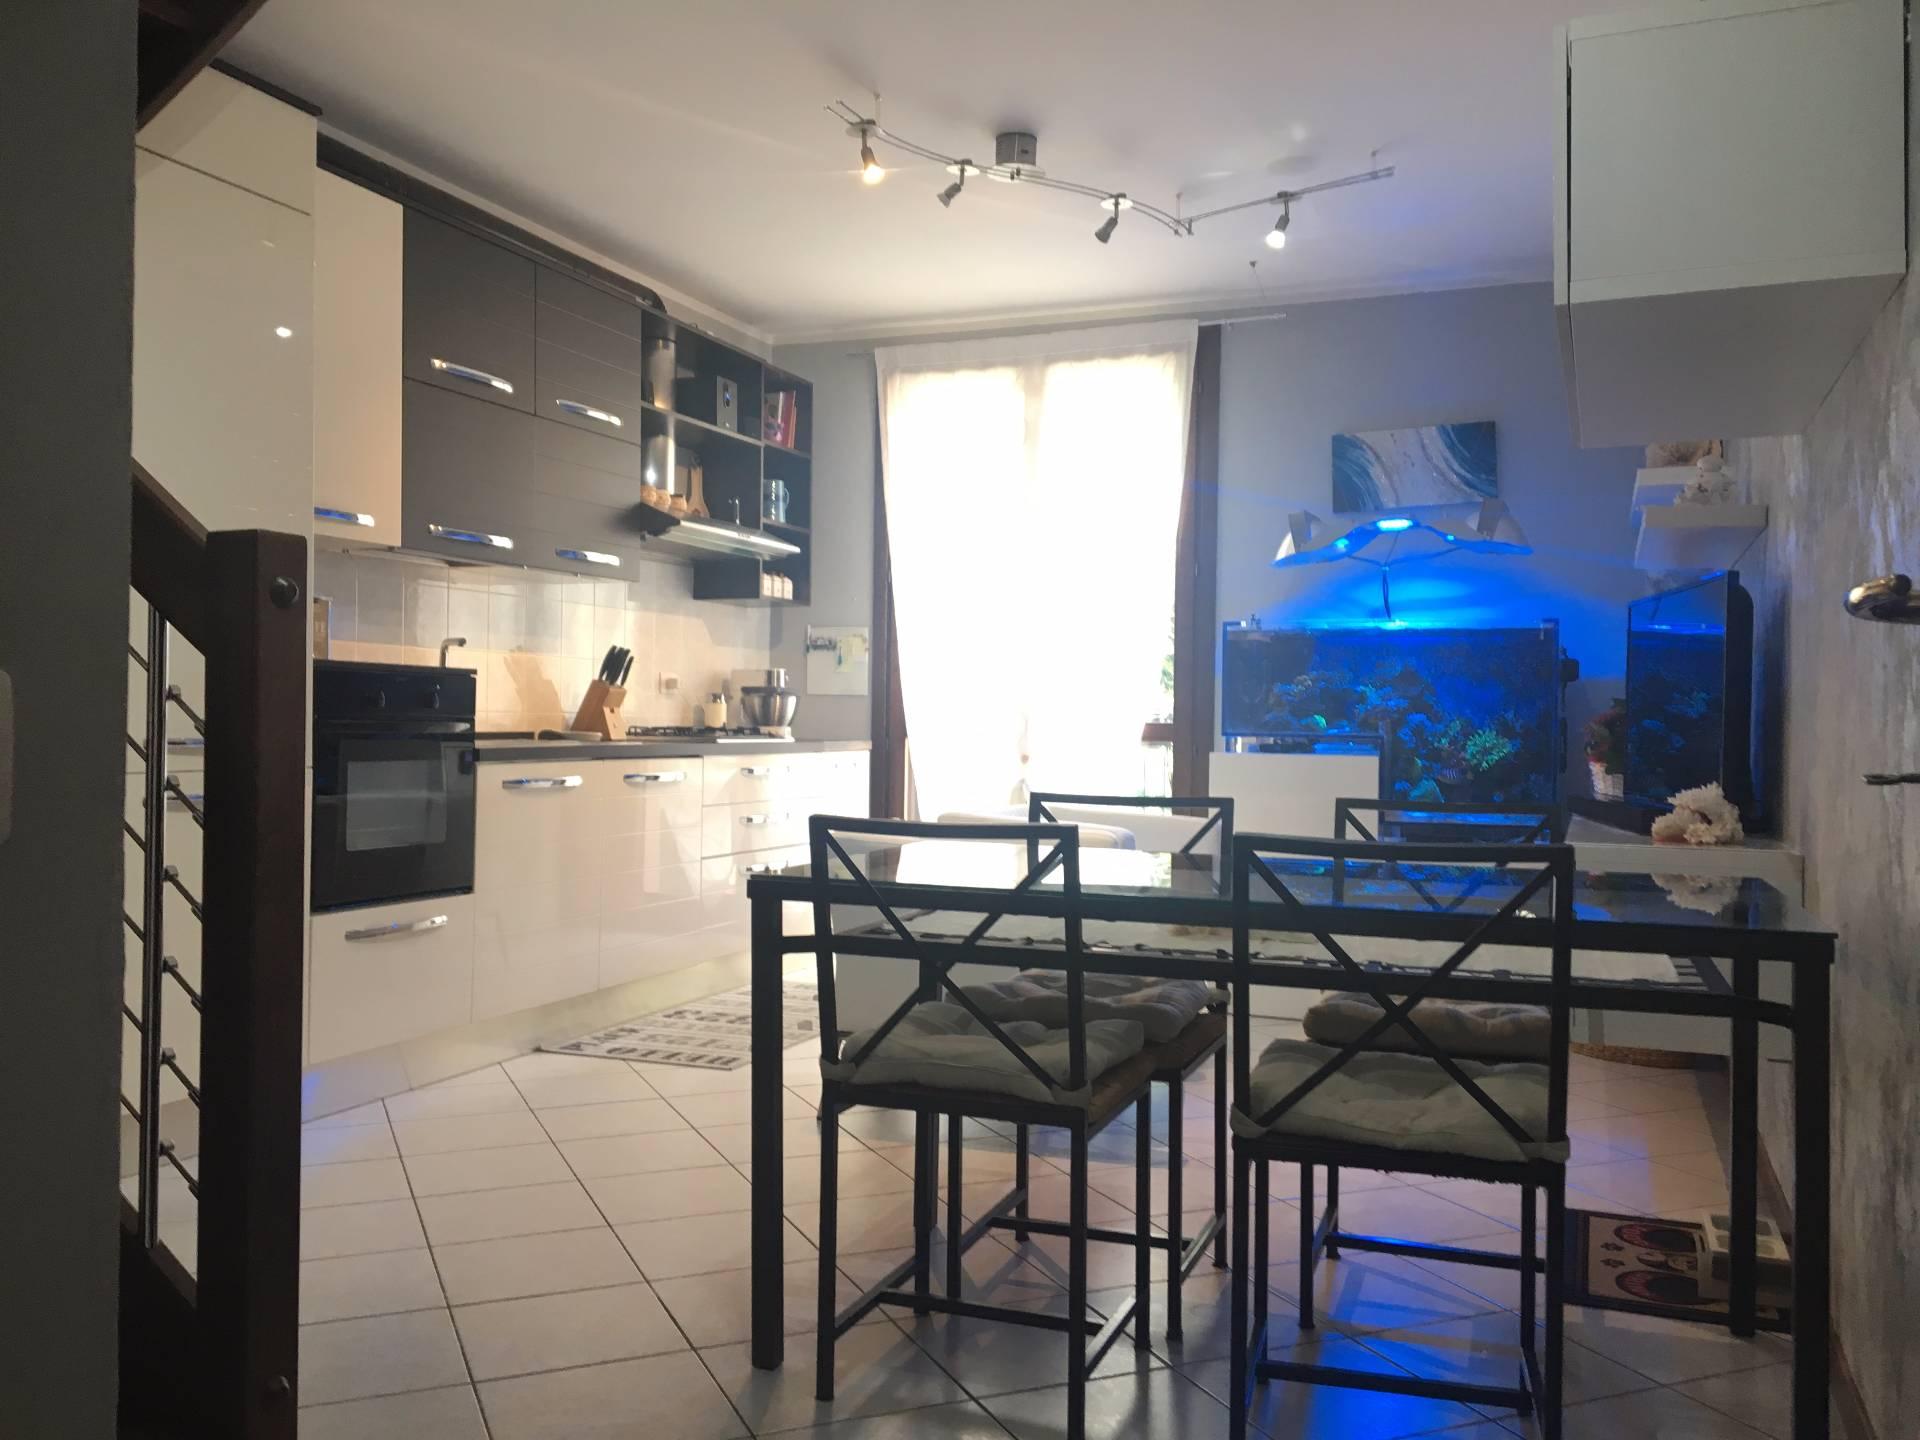 Appartamento in vendita a Carbonate, 3 locali, prezzo € 135.000 | CambioCasa.it